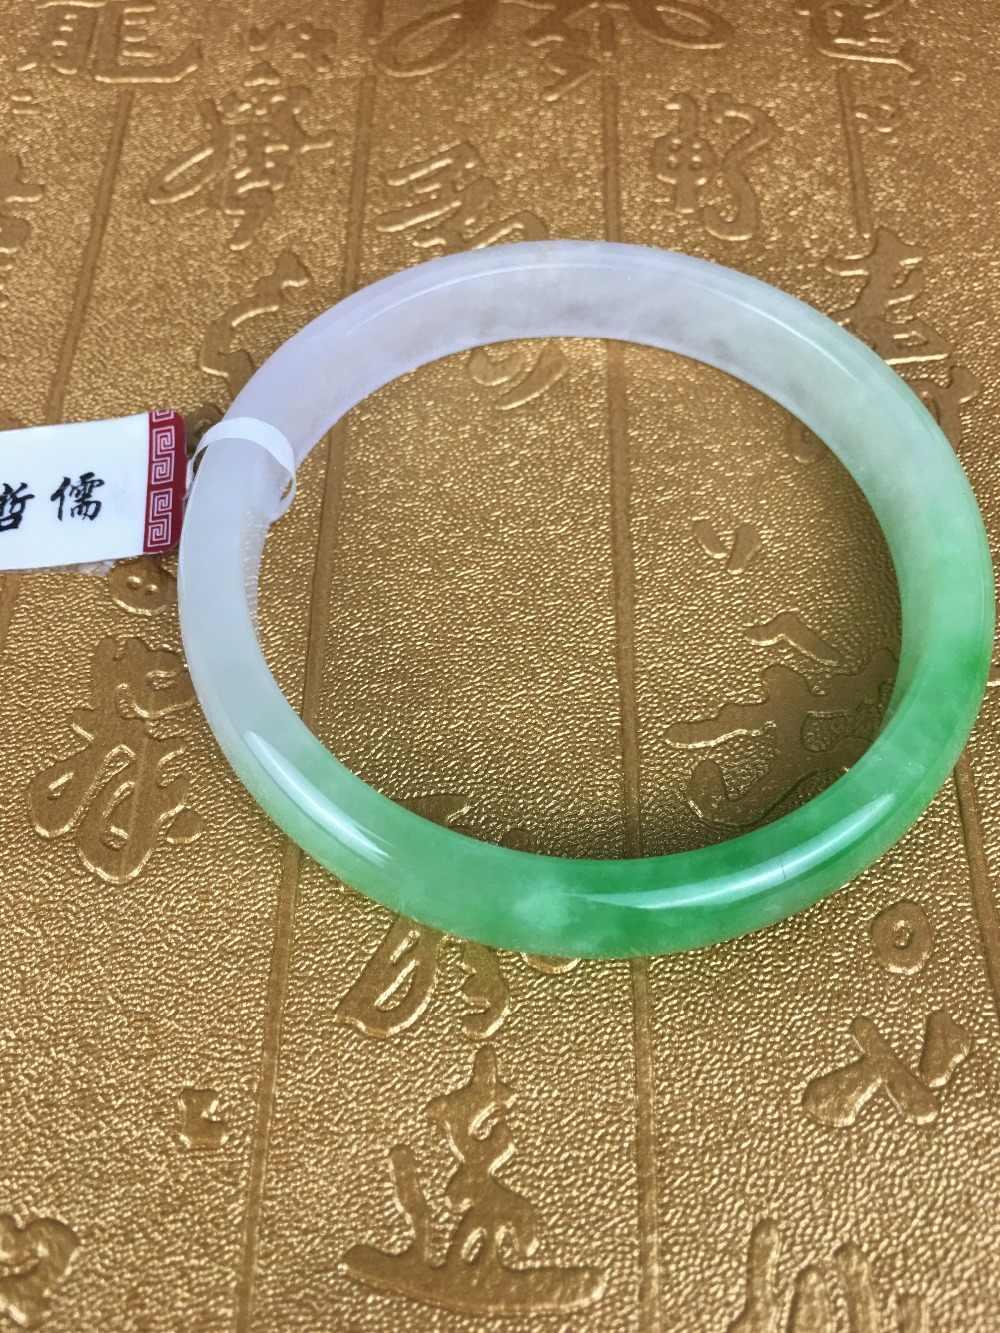 ส่งใบรับรองธรรมชาติ Jadeite สร้อยข้อมือ elegant สีเขียวสีม่วง 2 สี 54-61 มม. สร้อยข้อมือเครื่องประดับของขวัญ